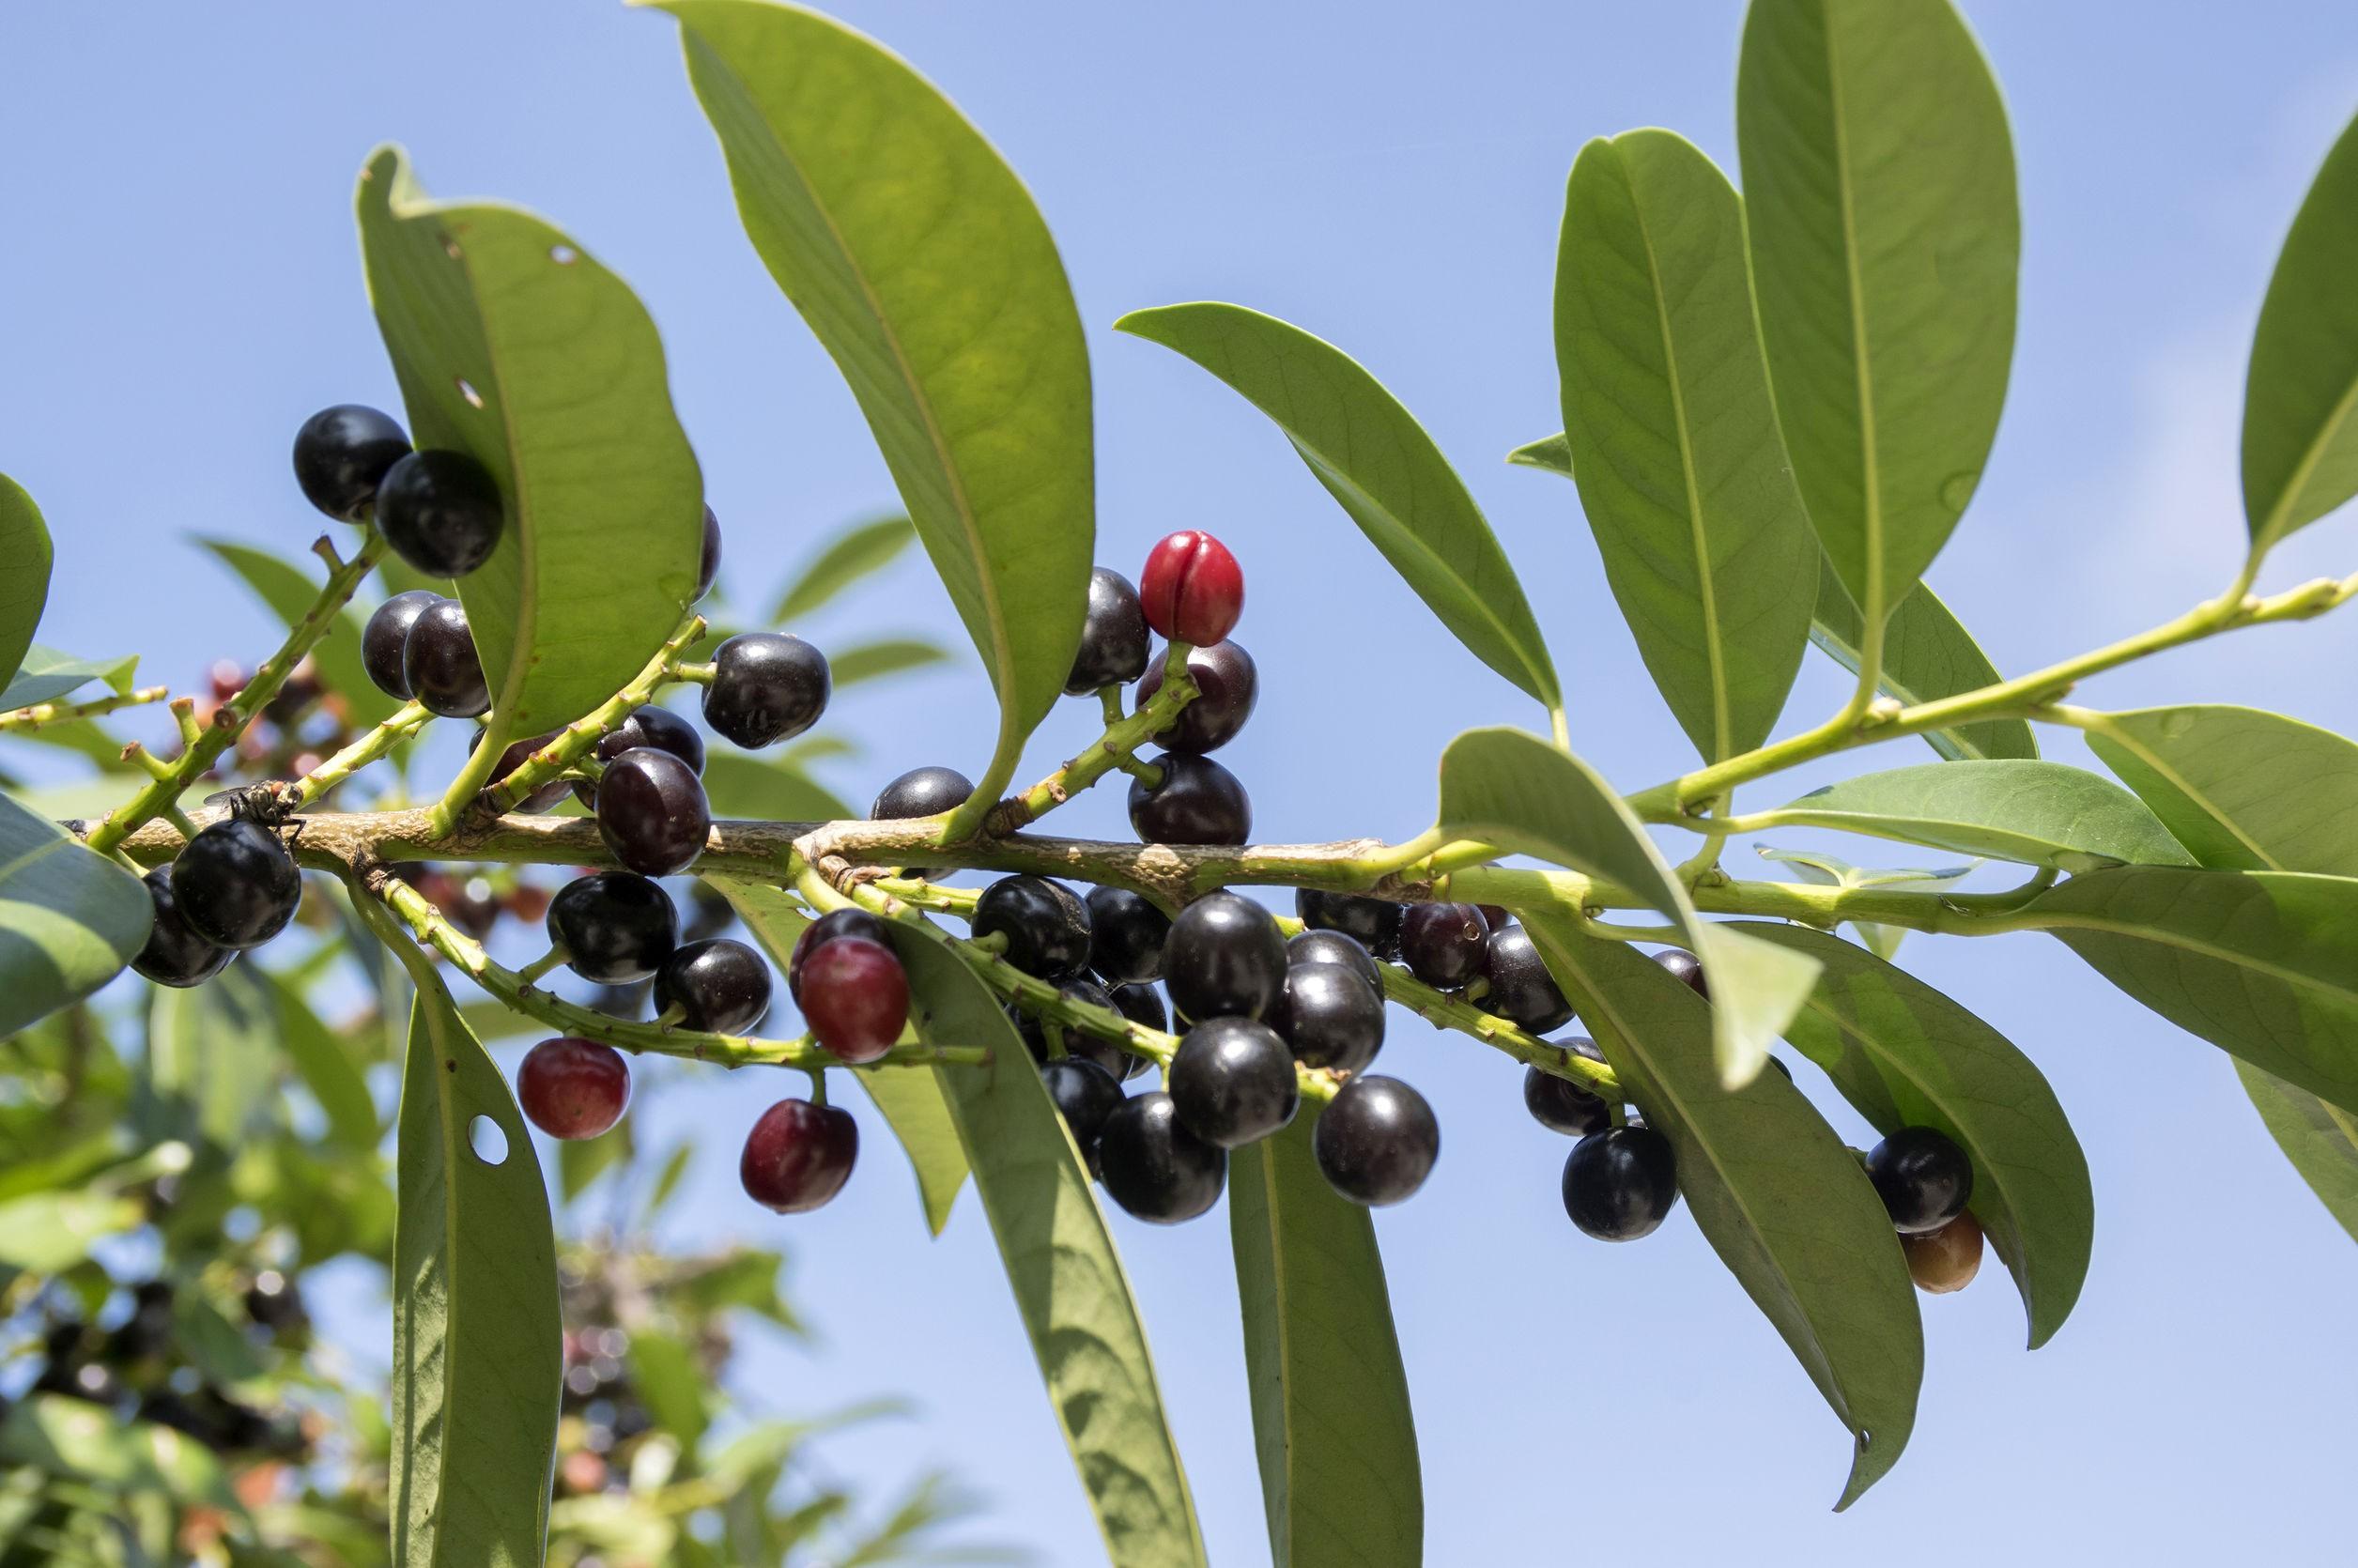 laurowisnia wschodnia owoce czy sa jadalne